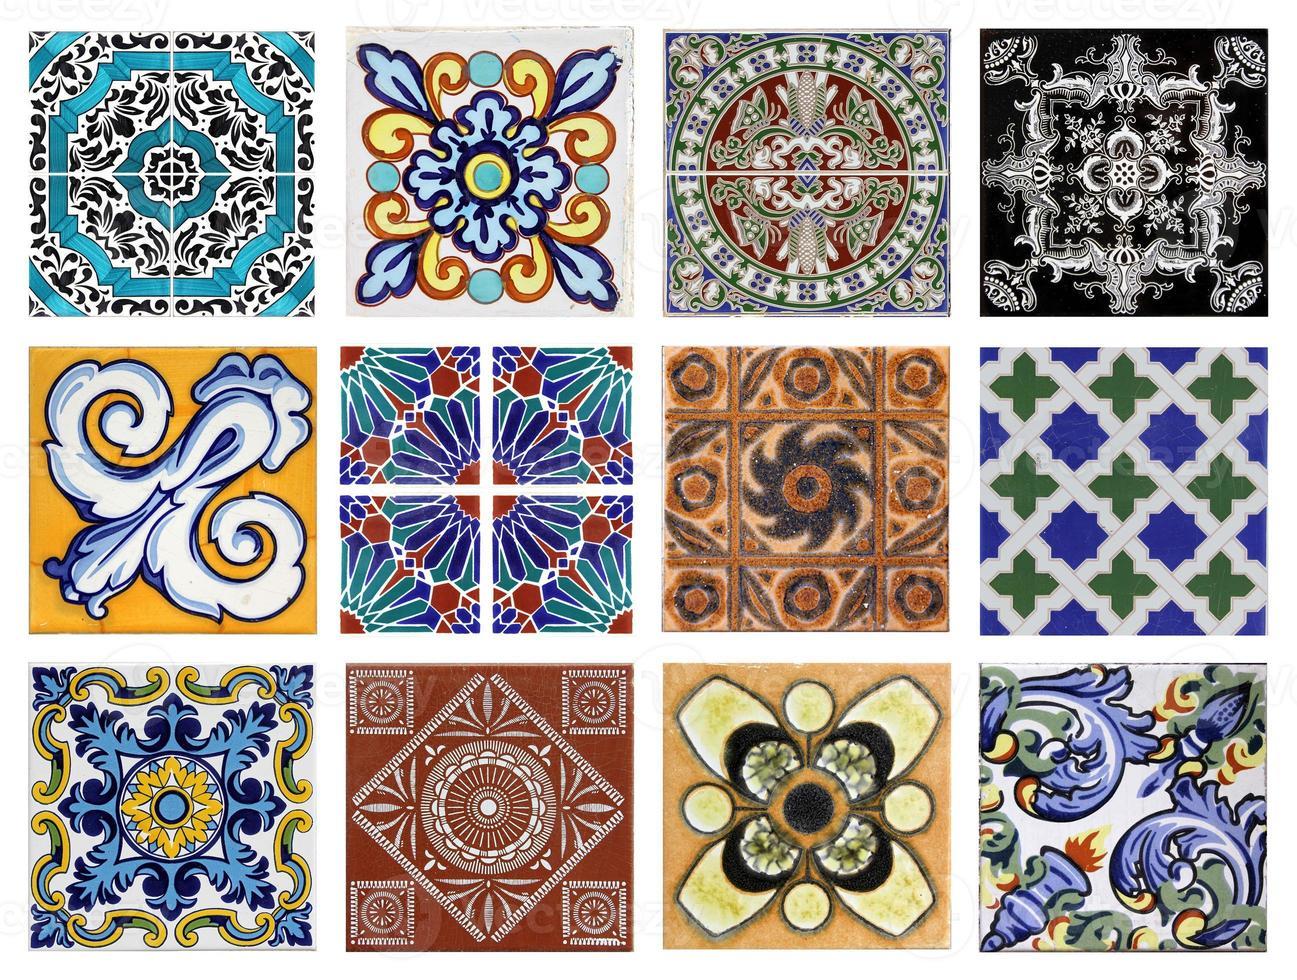 valencia azulejos olika strukturer foto